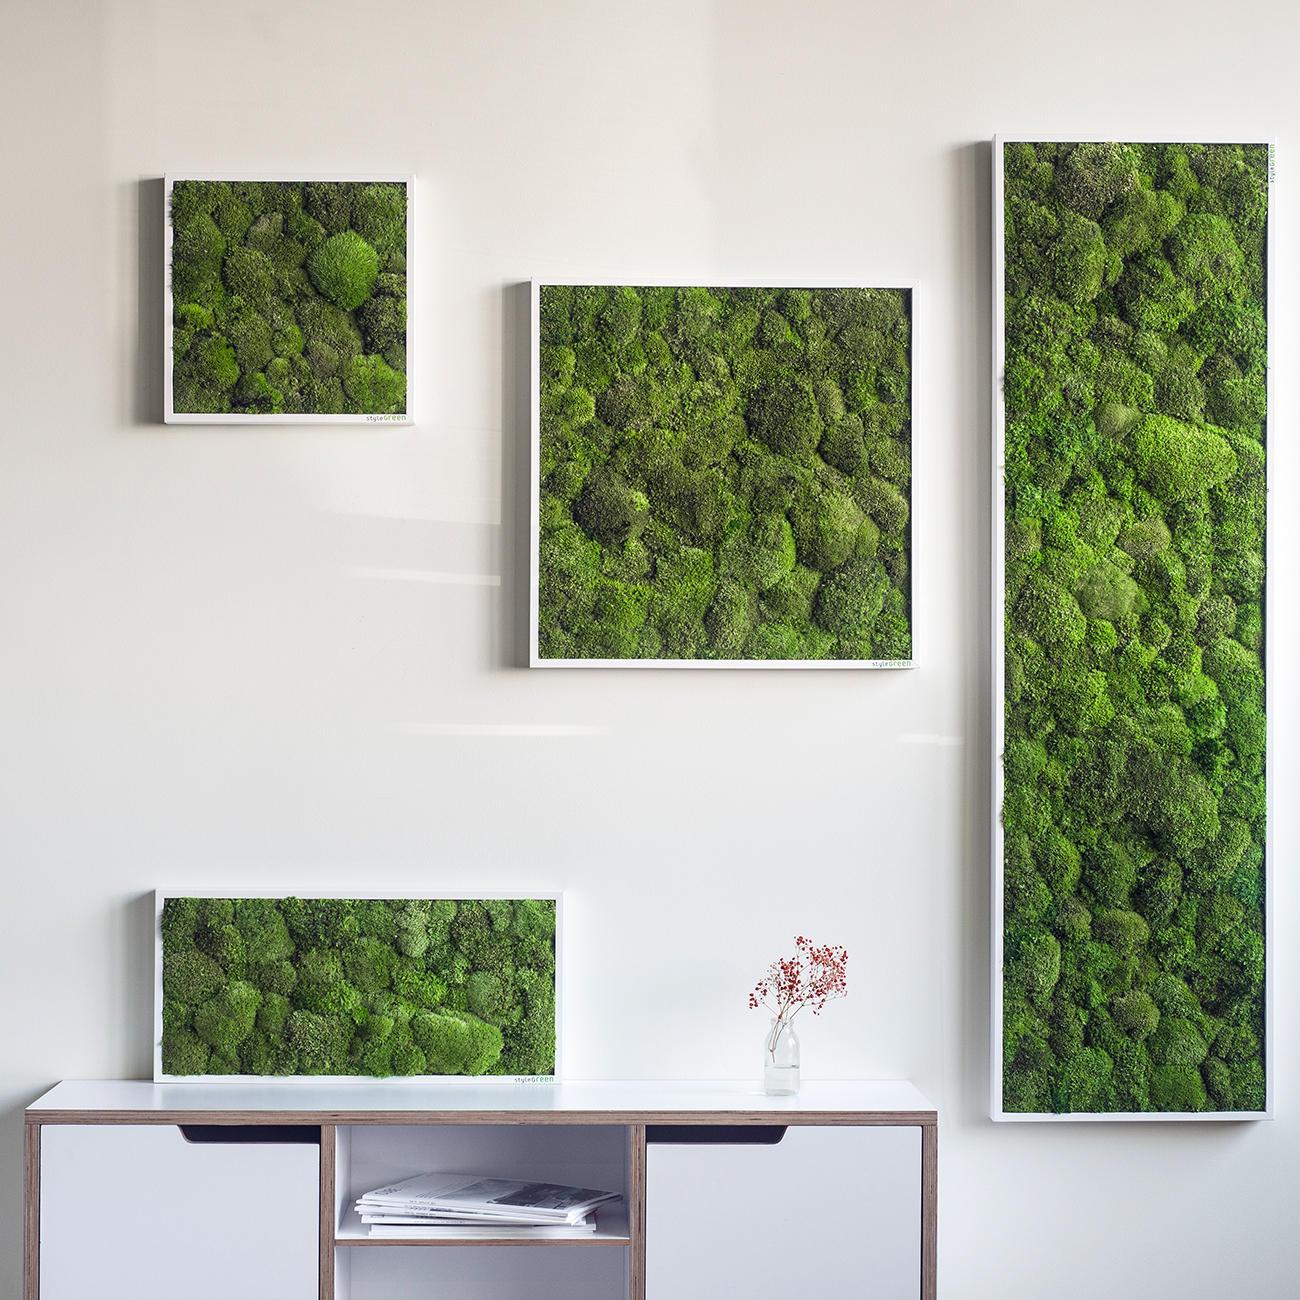 moosbild konserviert 35 x 35 cm online kaufen. Black Bedroom Furniture Sets. Home Design Ideas